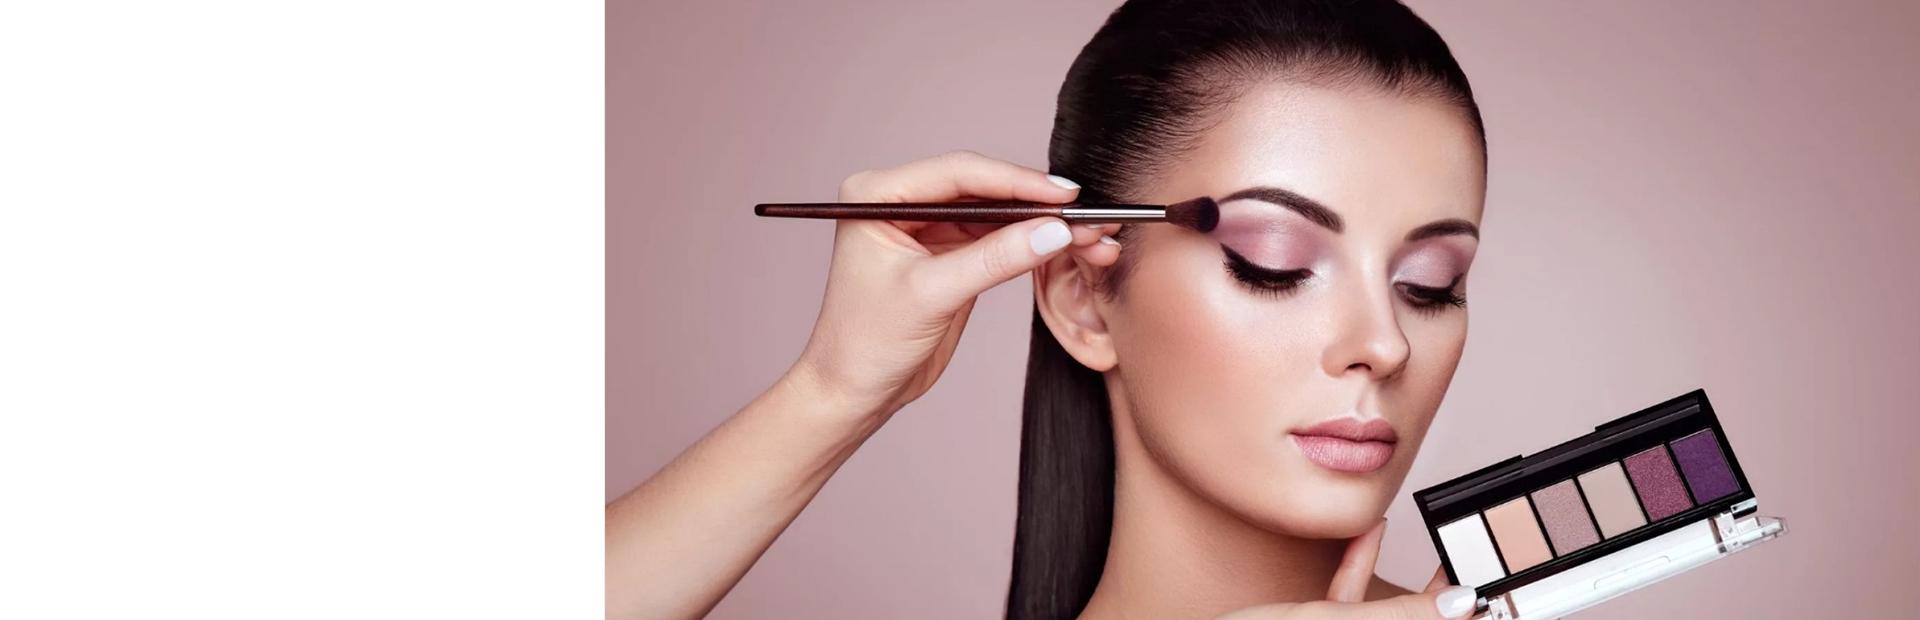 Практические уроки по подбору макияжа